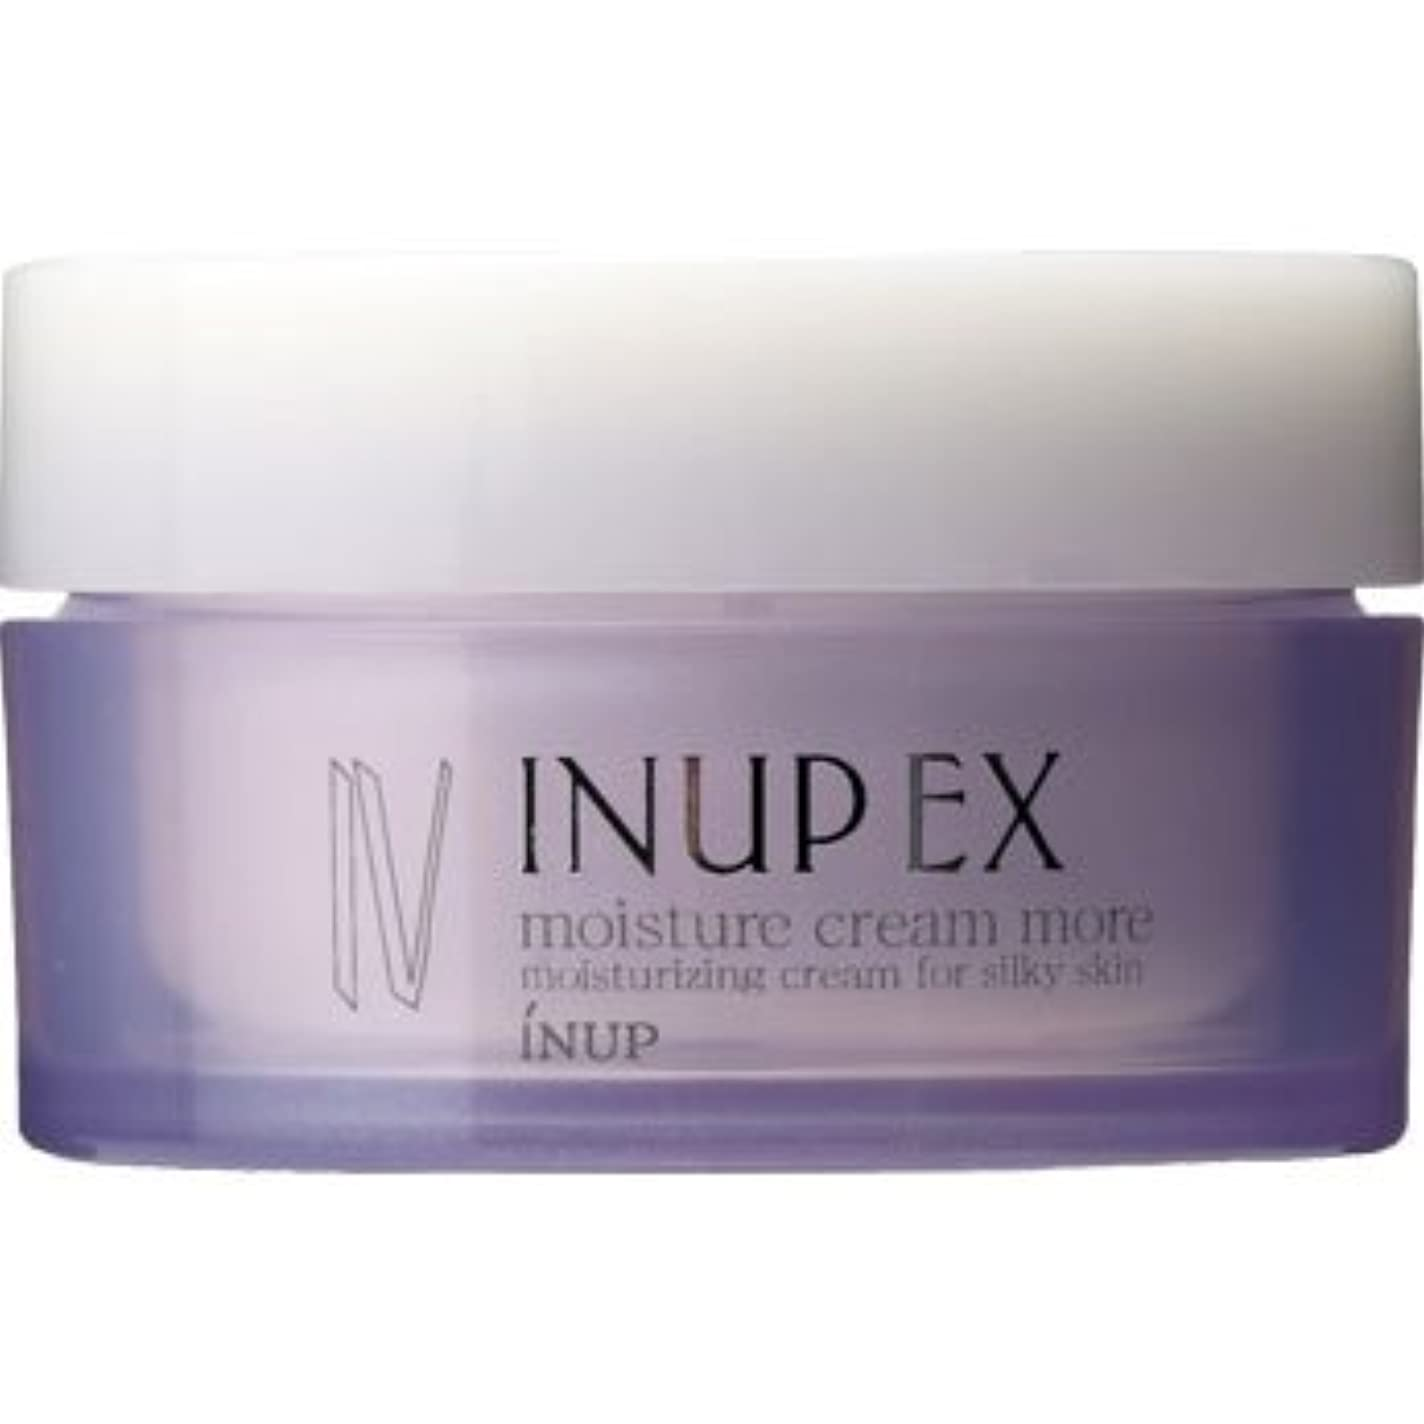 インナップEX 保湿クリーム (潤い効果アップ) モイスチャークリーム MD (スパチュラ付)[弱酸性] 30g